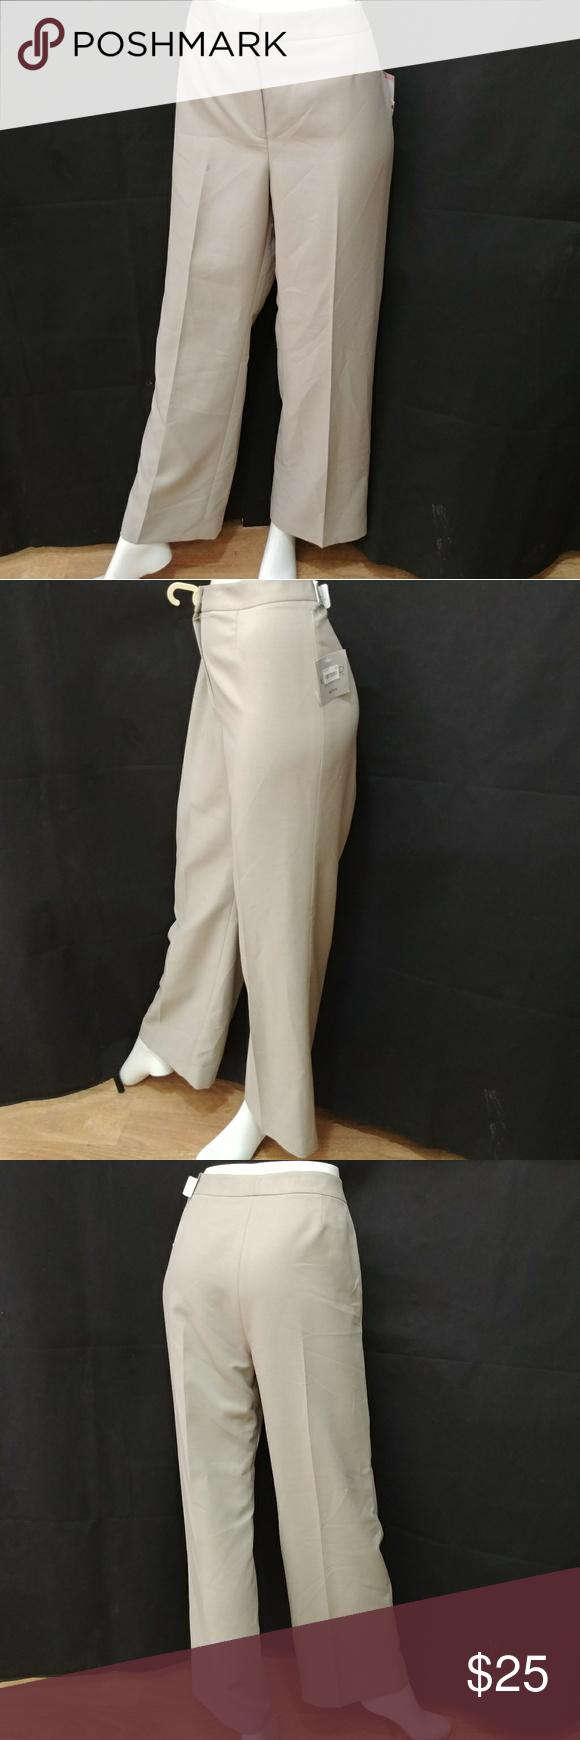 373313dc054 Beige · Kasper Separates Women s Summer Straw Dress Pants ...